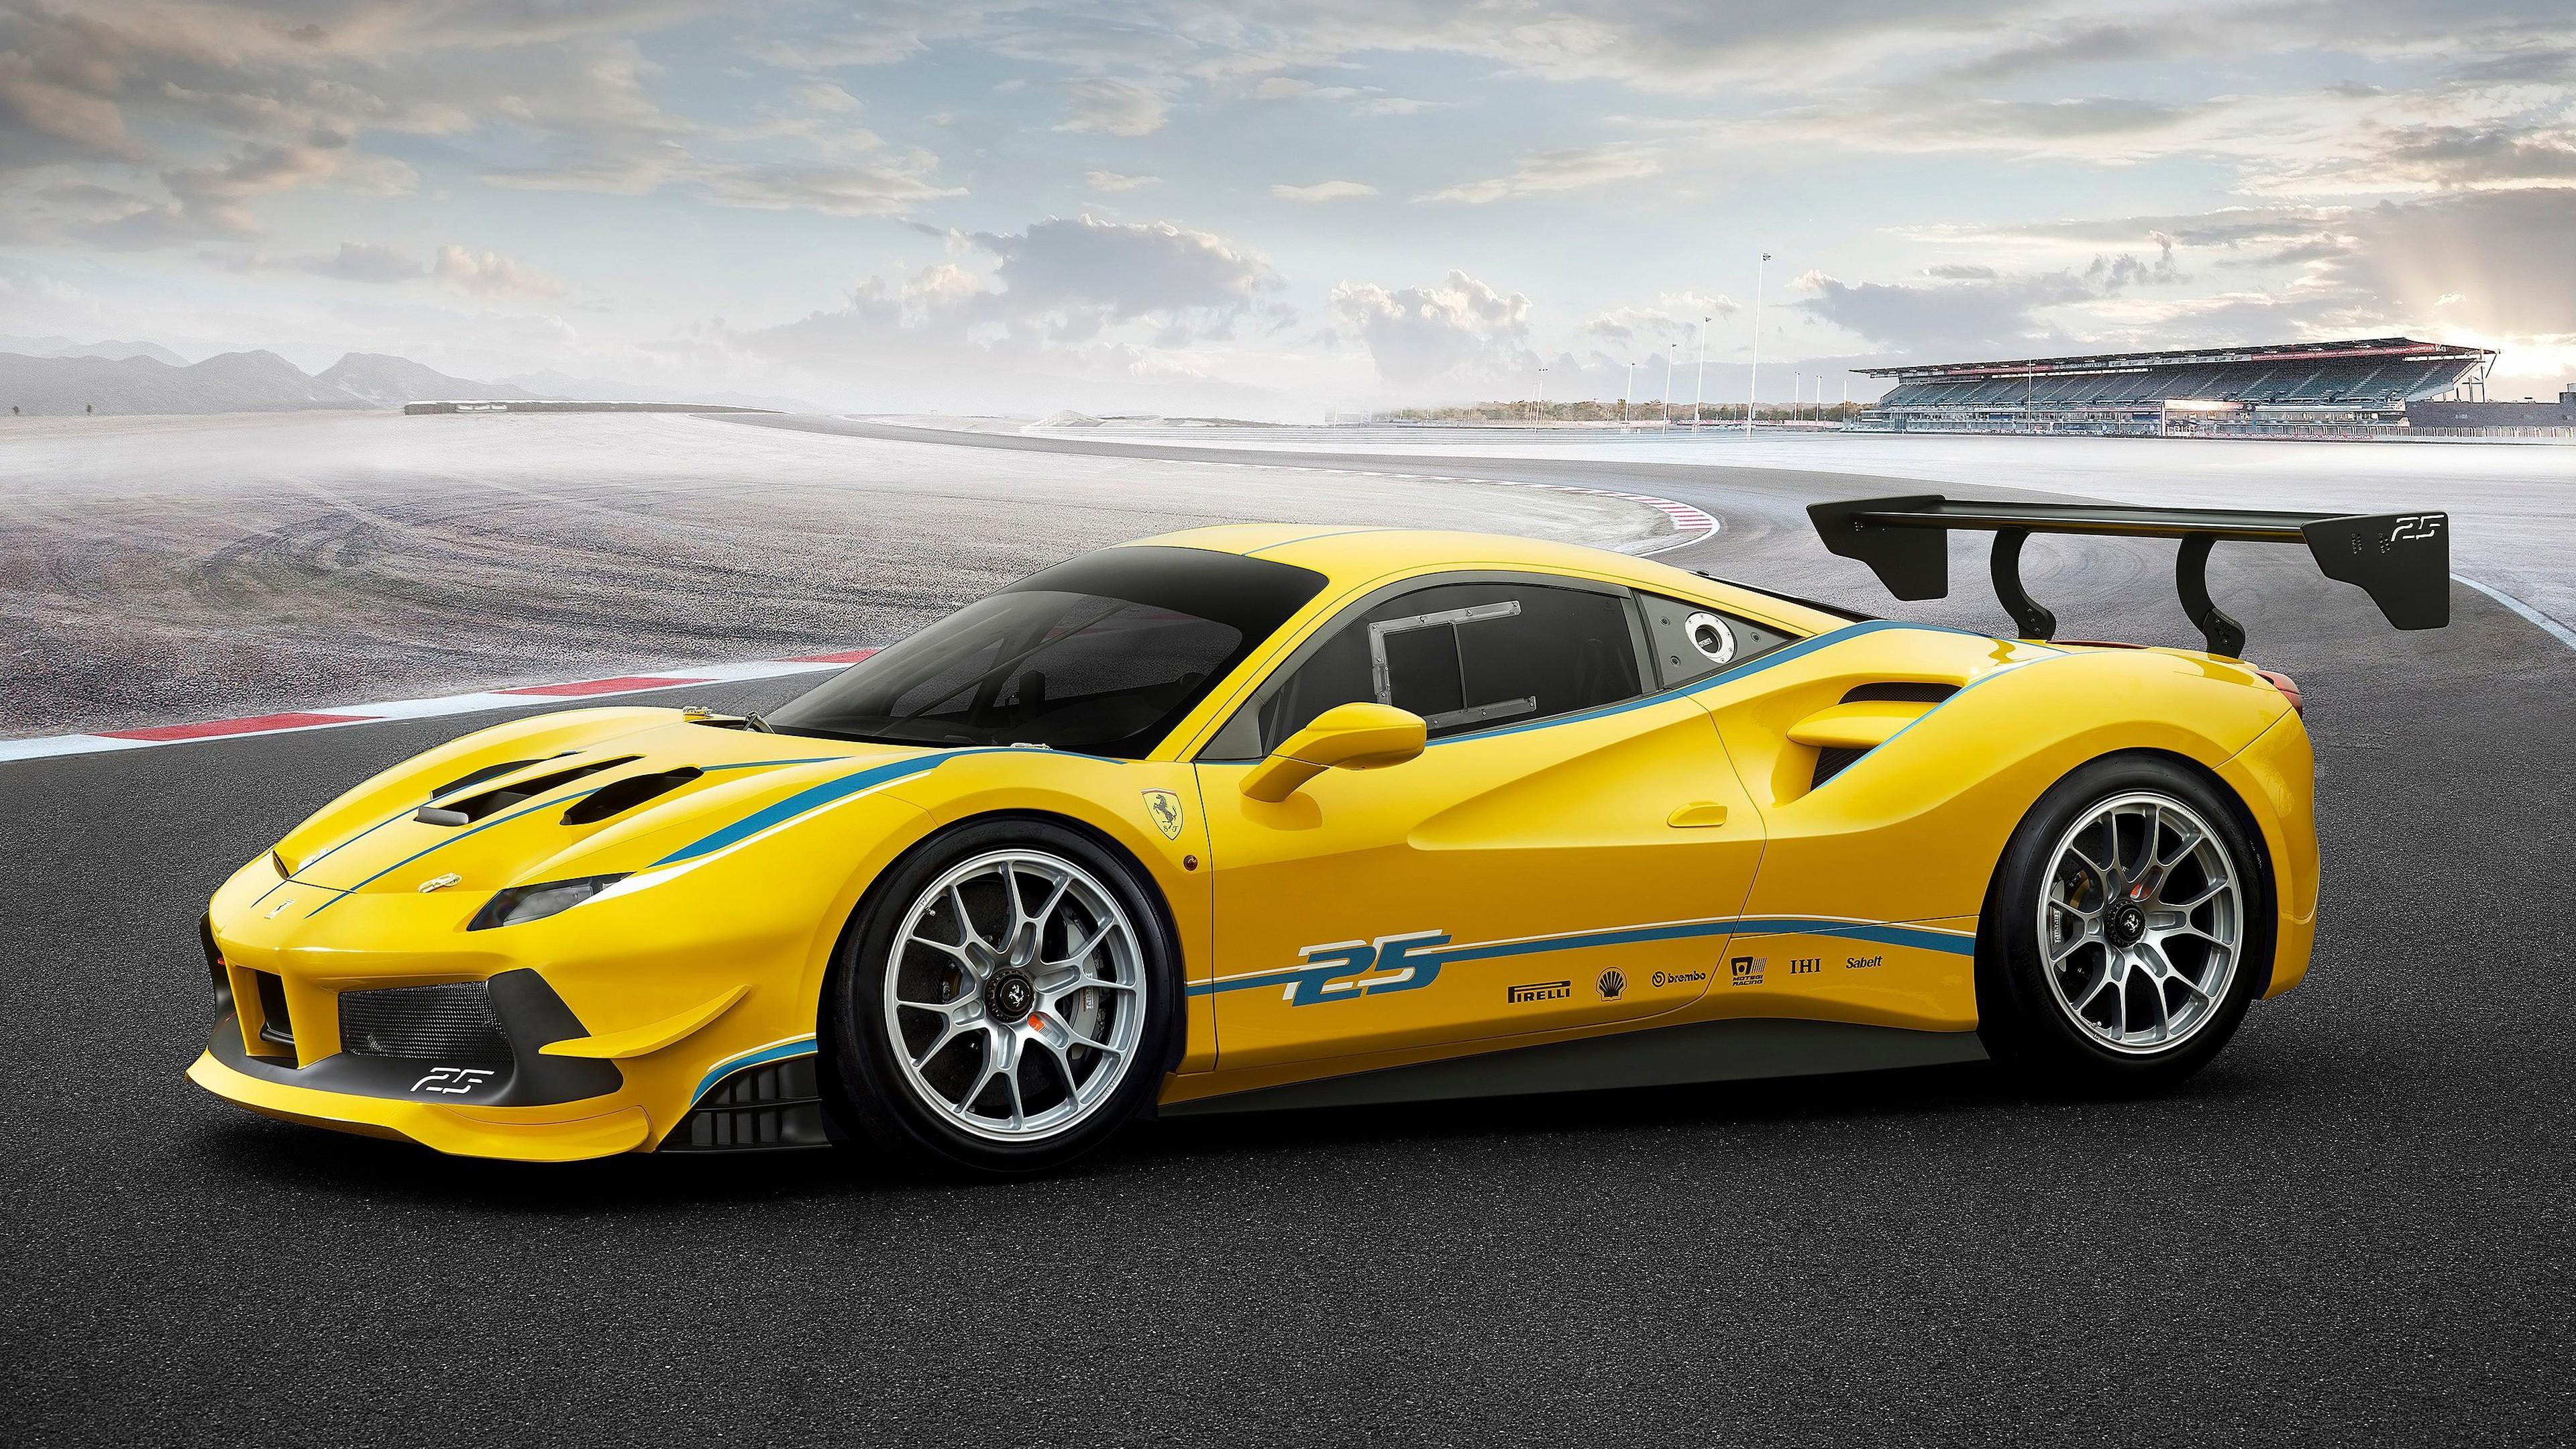 Get Ferrari 488 And Model Wallpaper Hd  Images